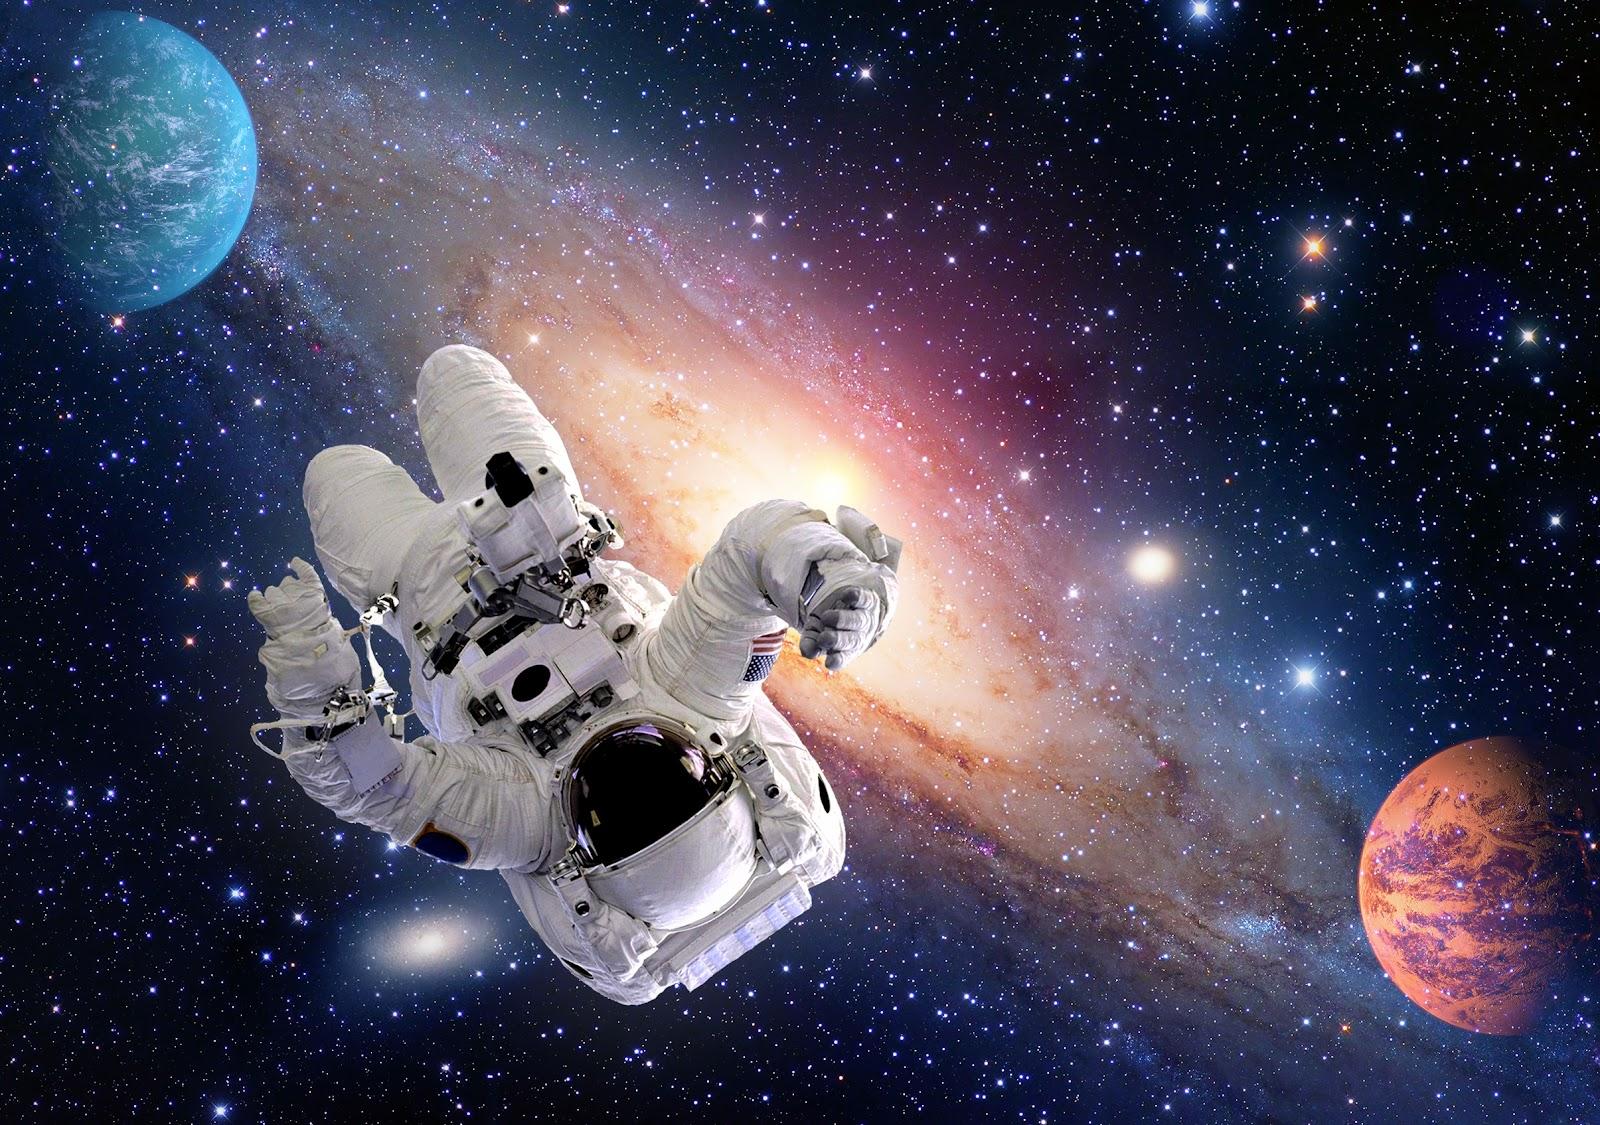 Astrounauta flutuando no espaço com uma galáxia e dois planetas ao fundo.